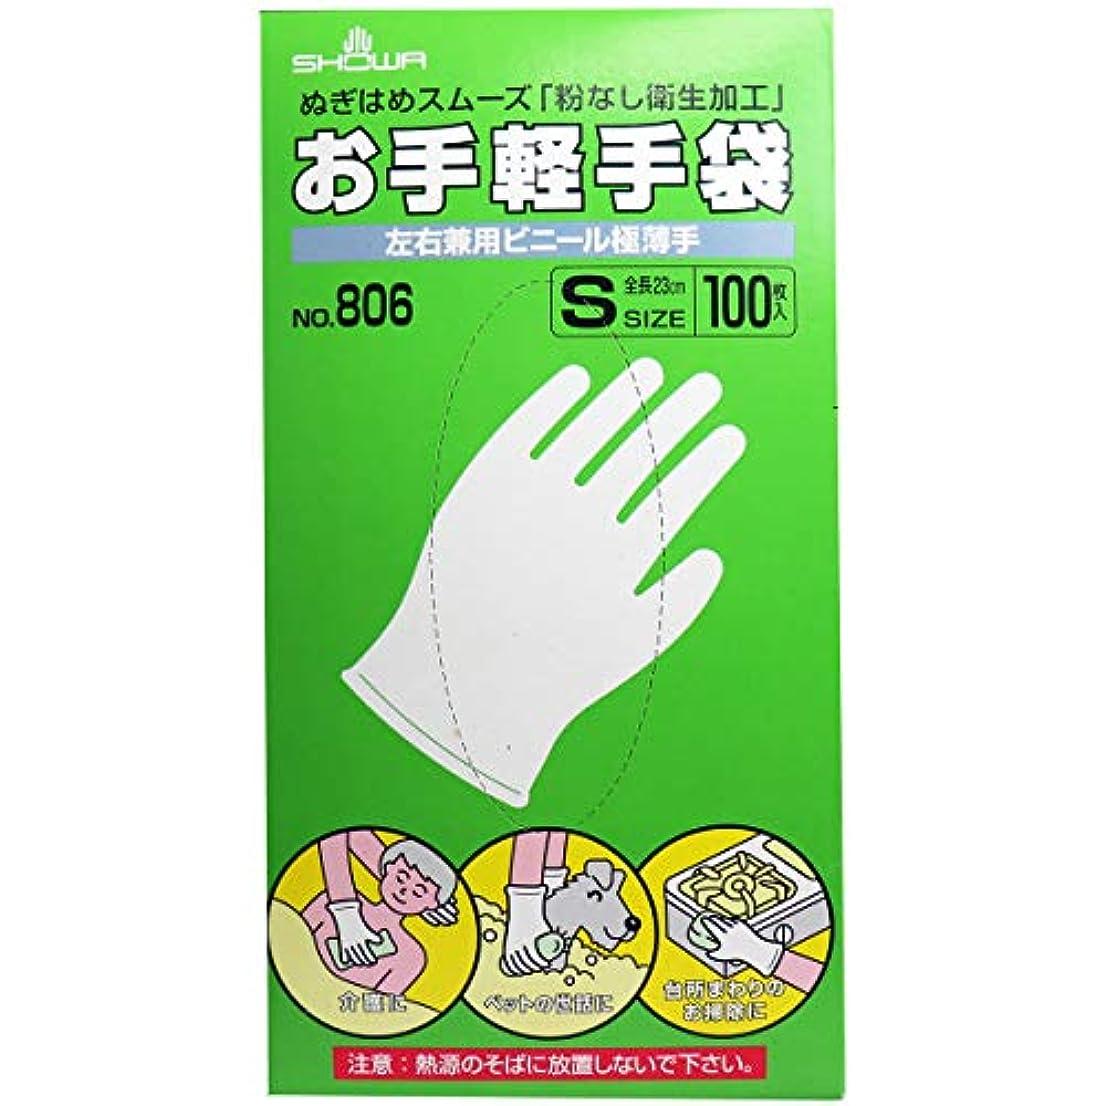 エジプト包帯不確実お手軽手袋 No.806 左右兼用ビニール極薄手 粉なし Sサイズ 100枚入×10個セット